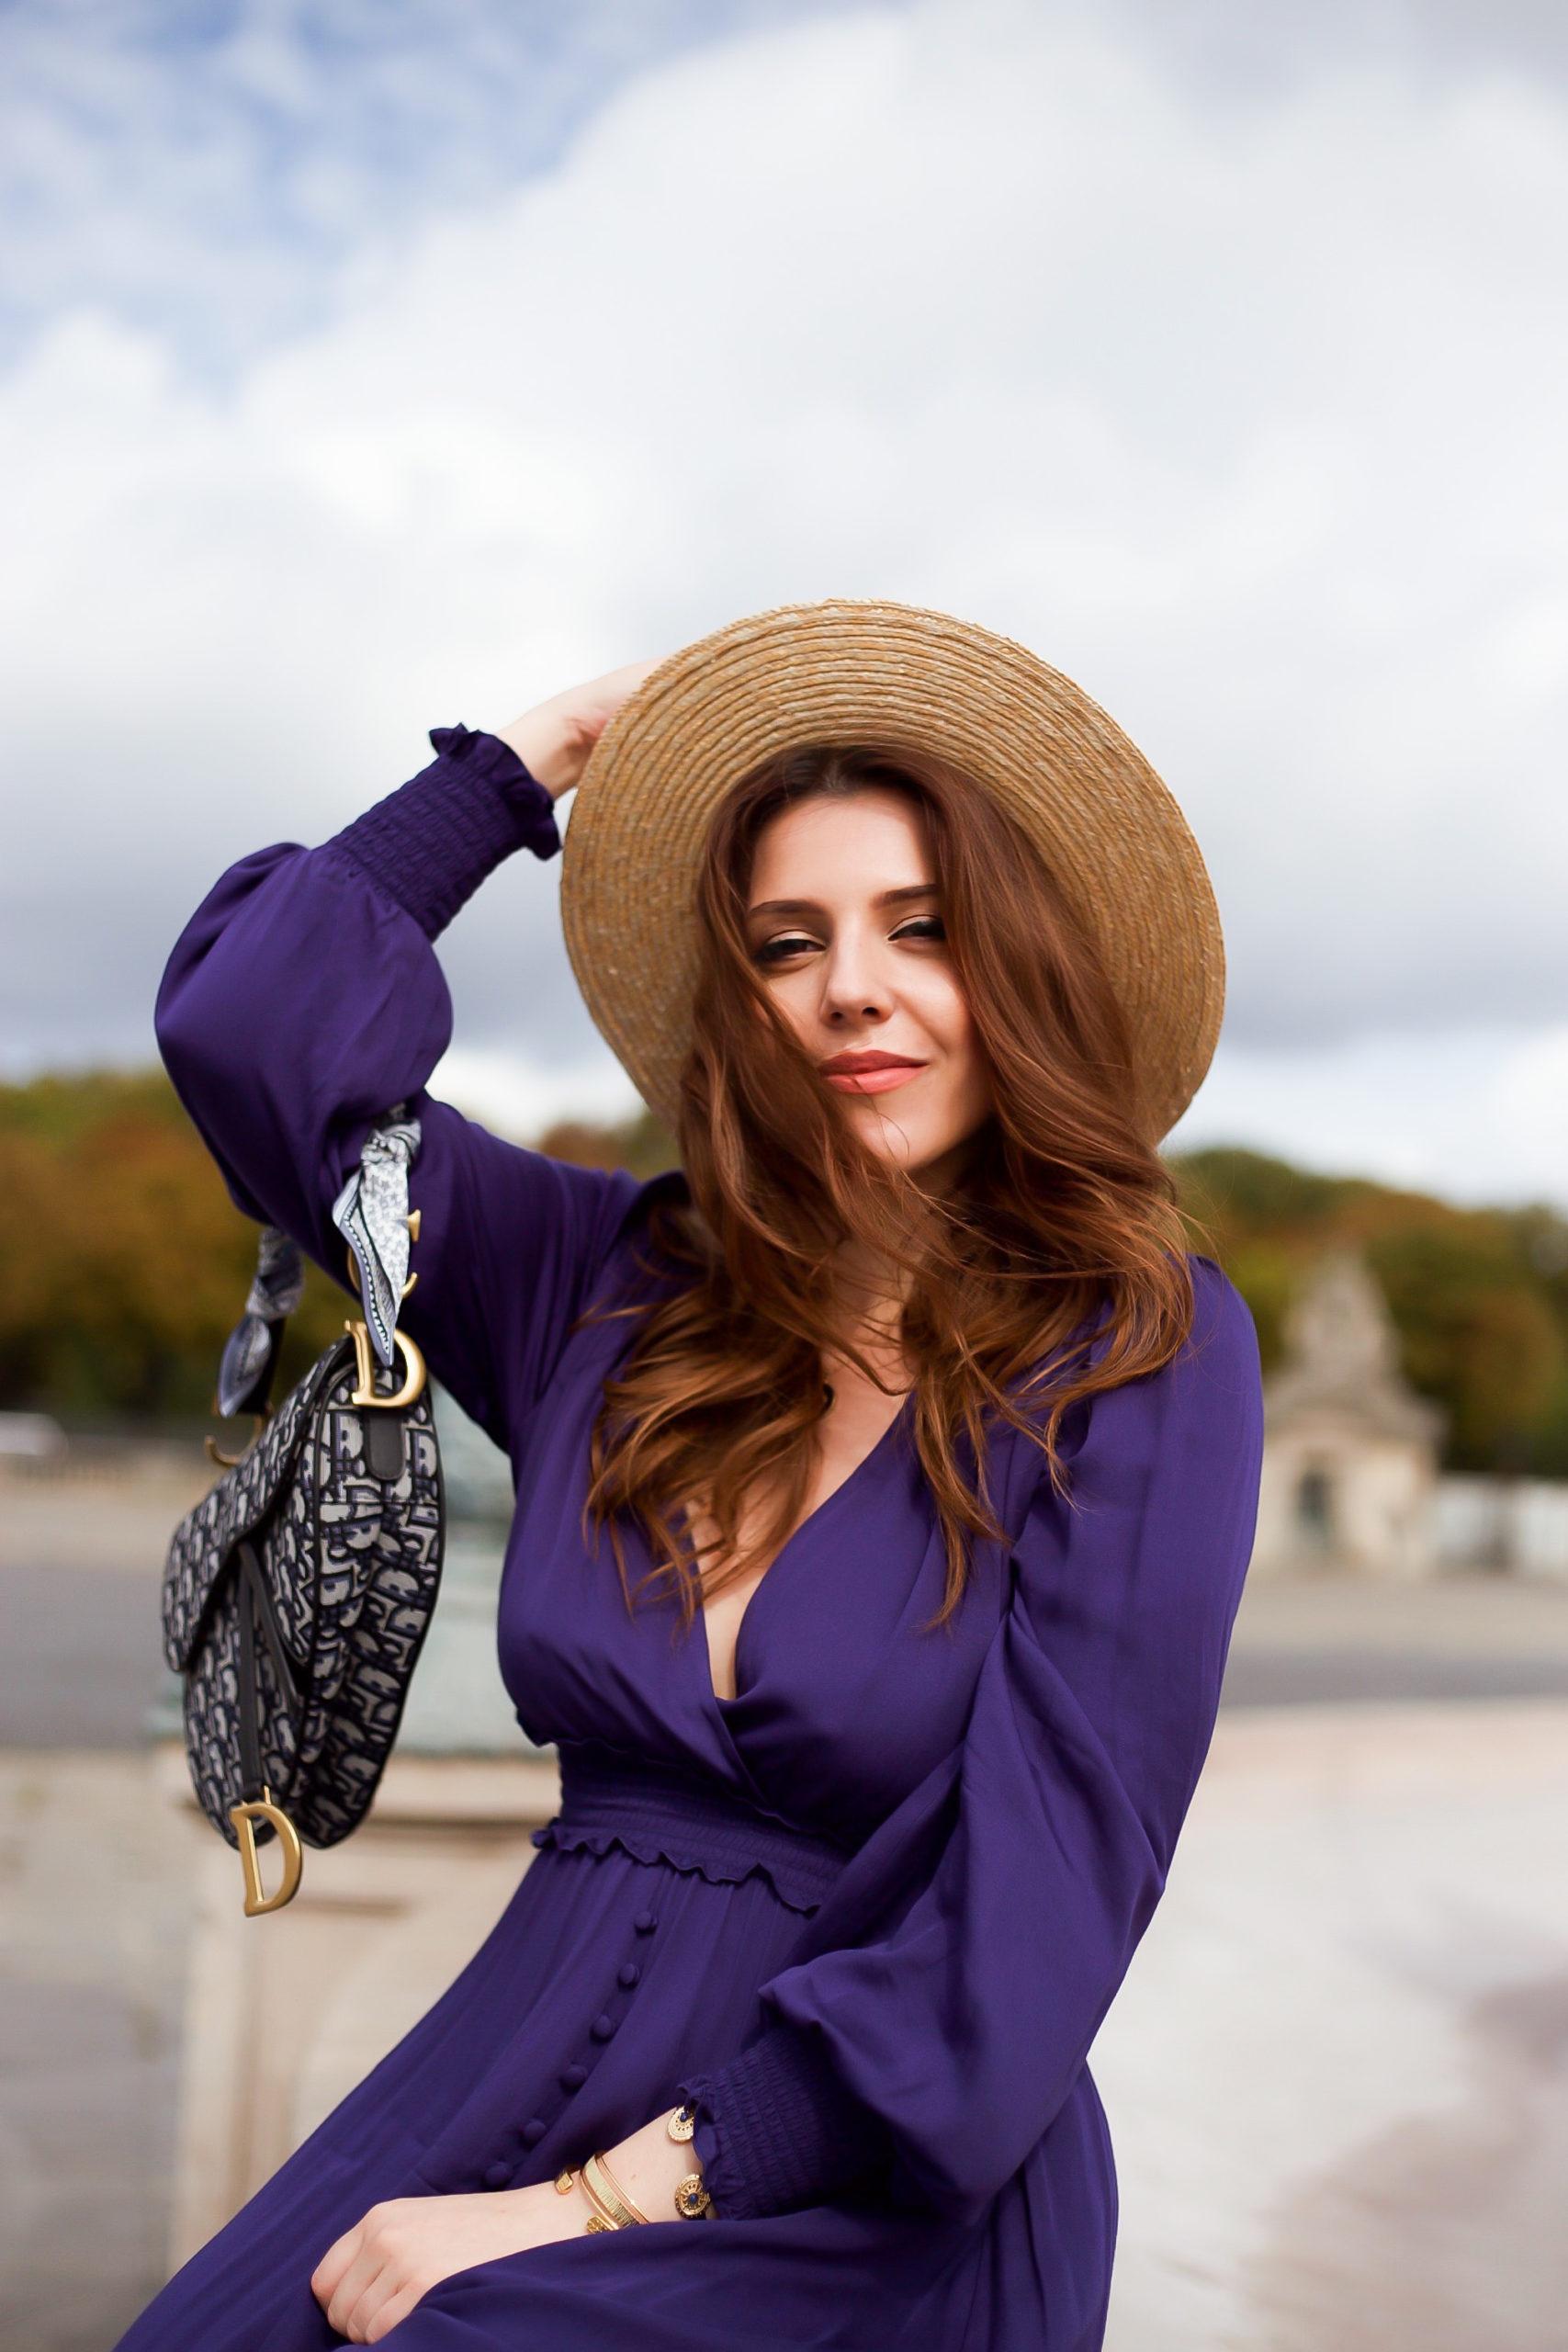 parisienne paris luxe dior beauté rousse portrait blogueuse influenceuse mode charlie suger town